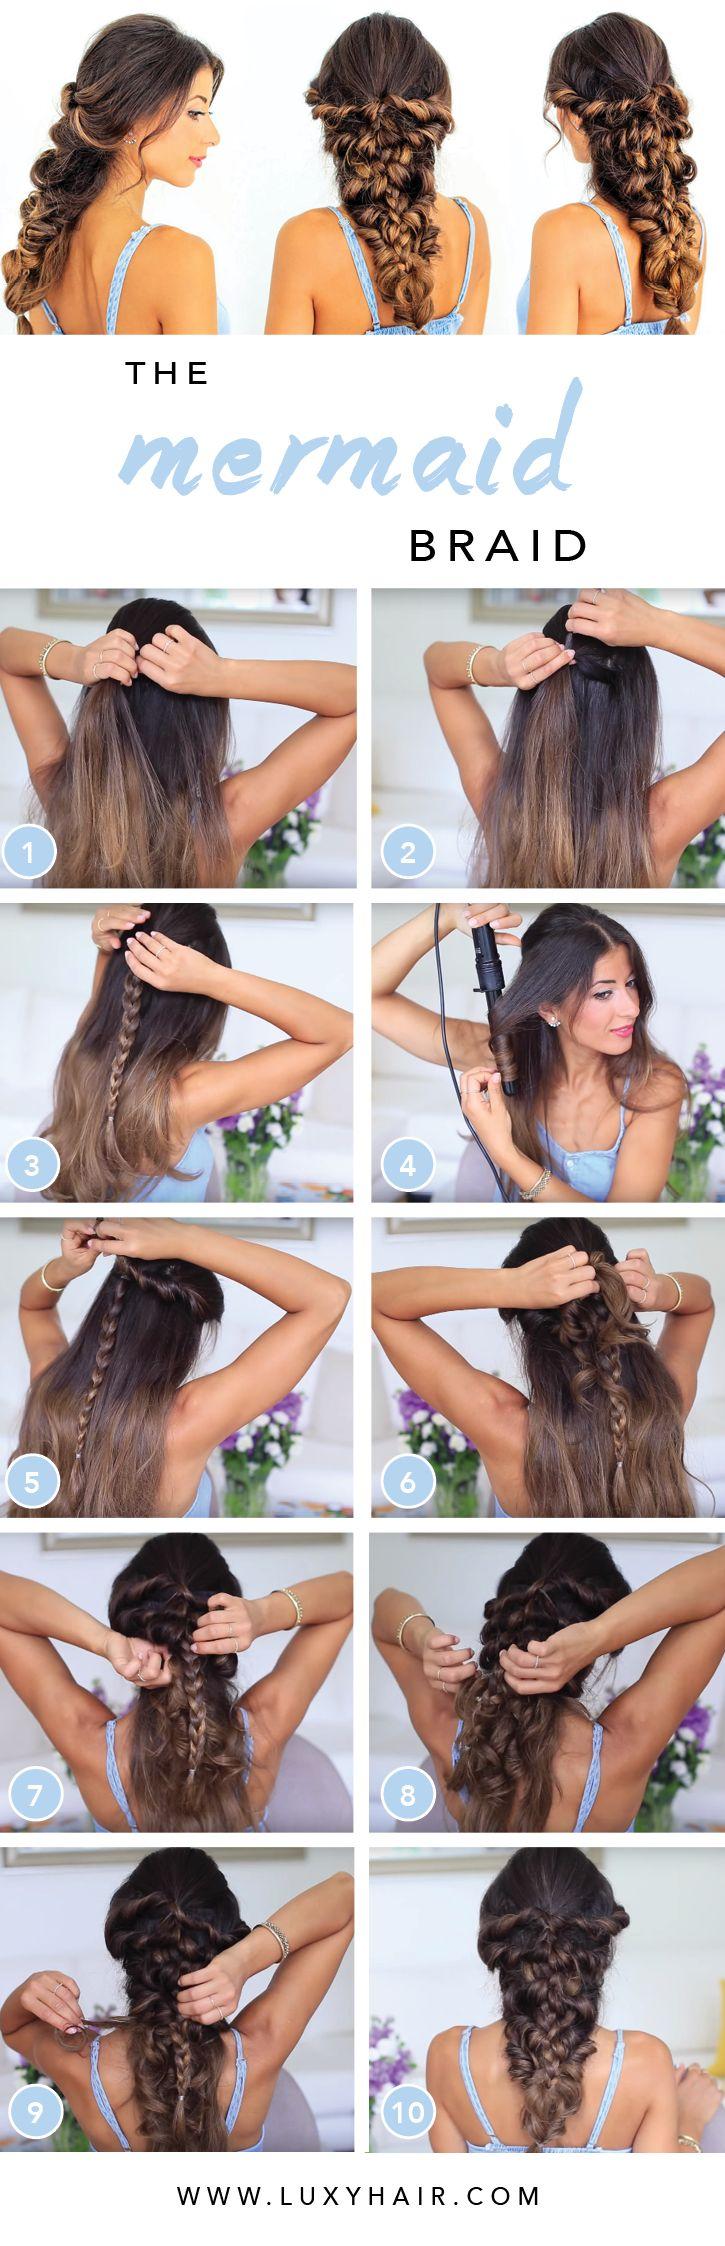 best hair do ideas images on pinterest